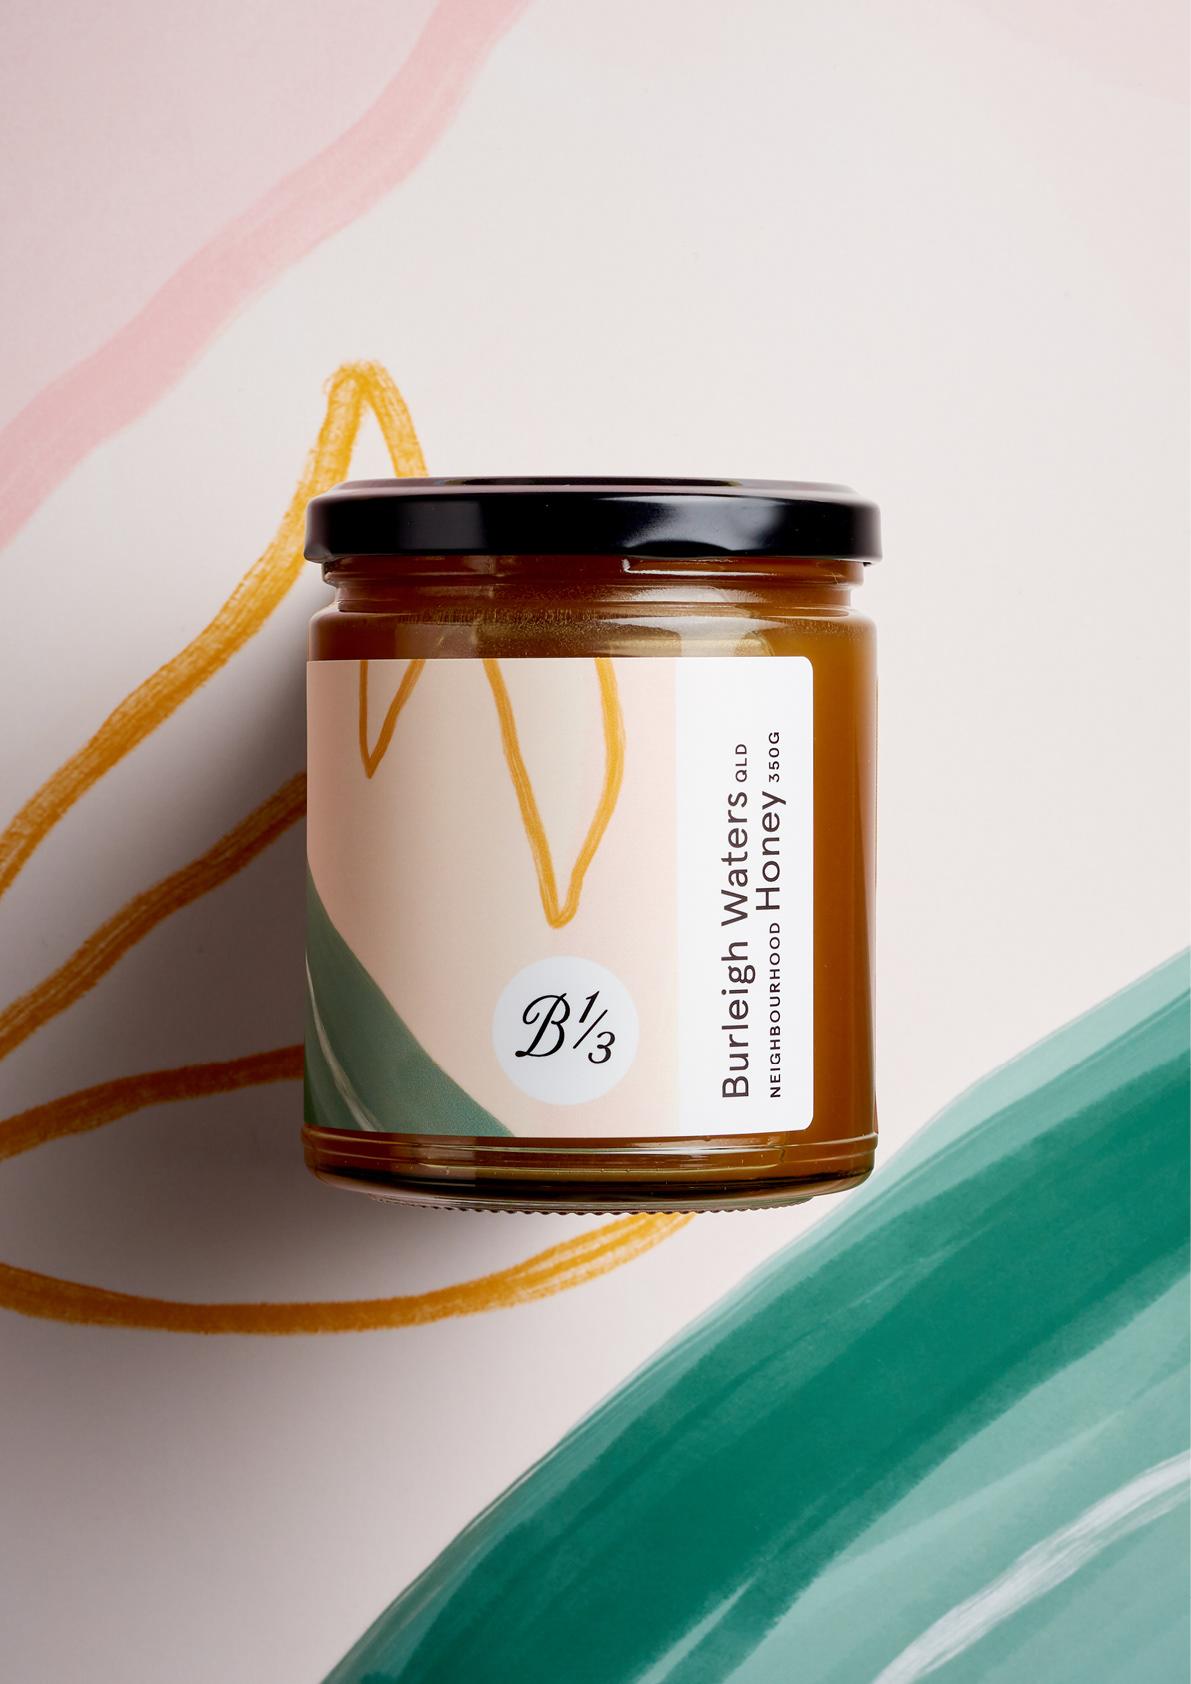 澳大利亚Bee One Third蜂蜜包装设计---酷图编号1282400